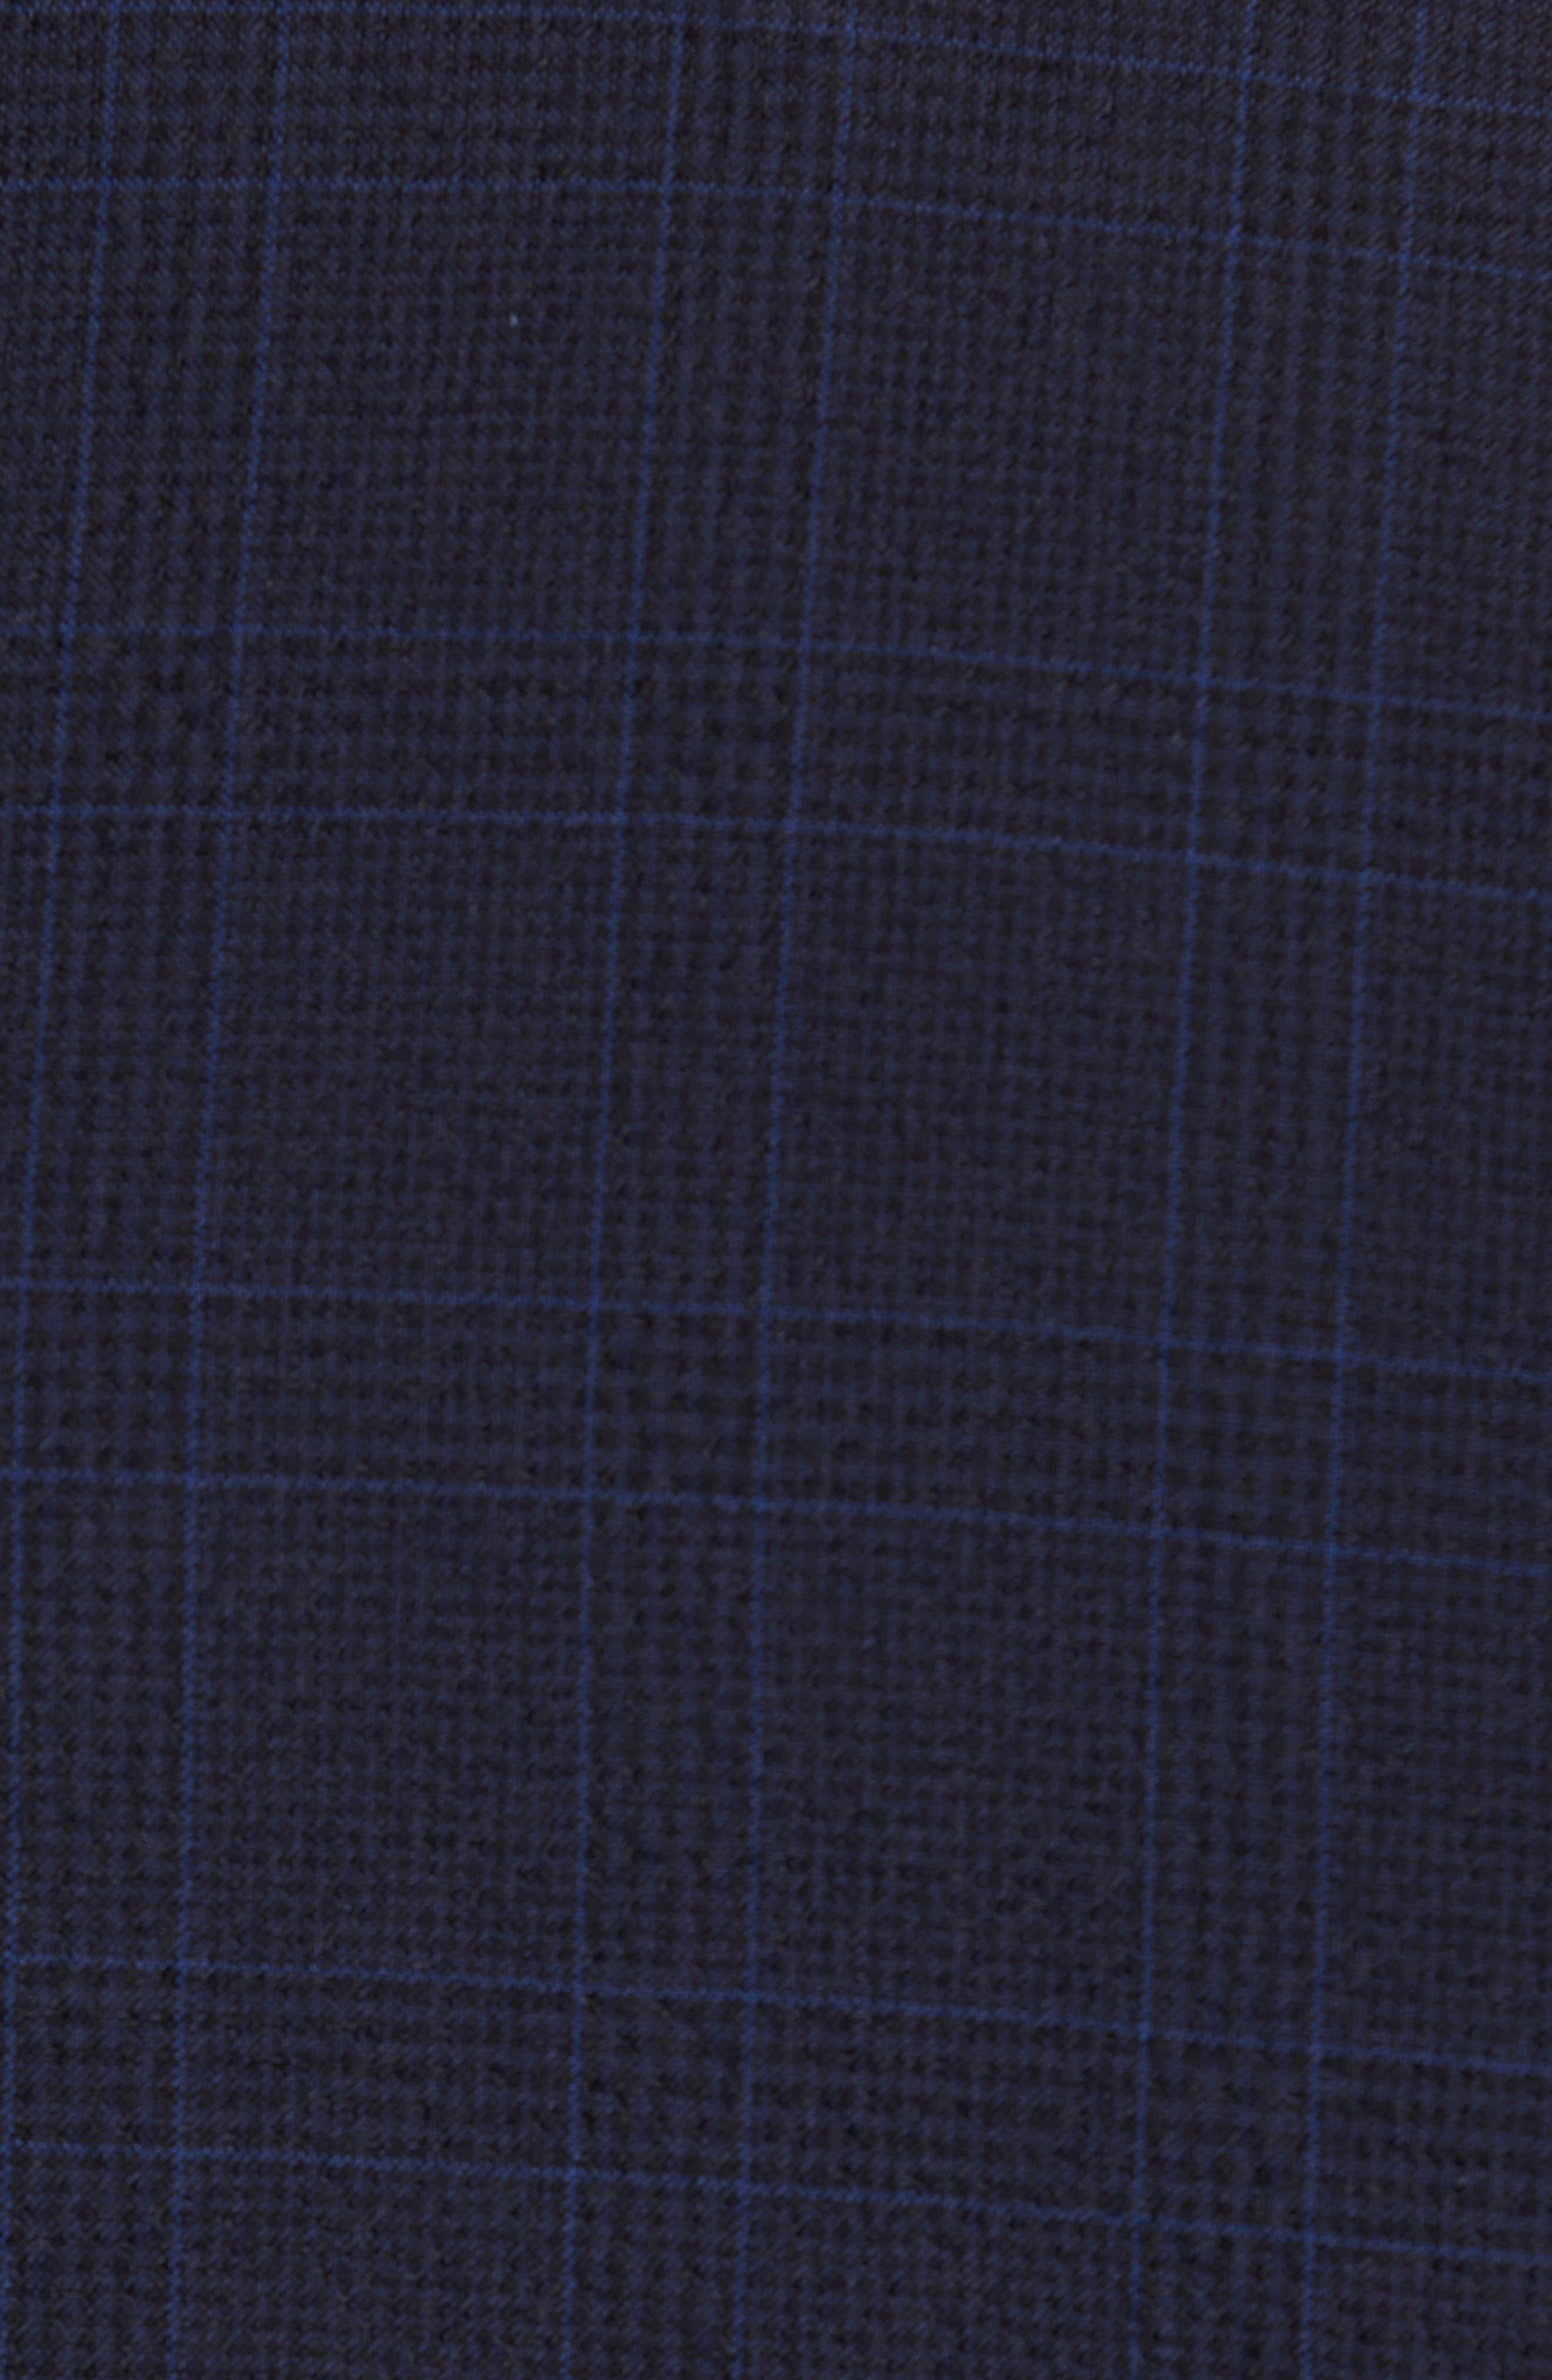 Helford/Gander Trim Fit Plaid Wool & Cotton Suit,                             Alternate thumbnail 7, color,